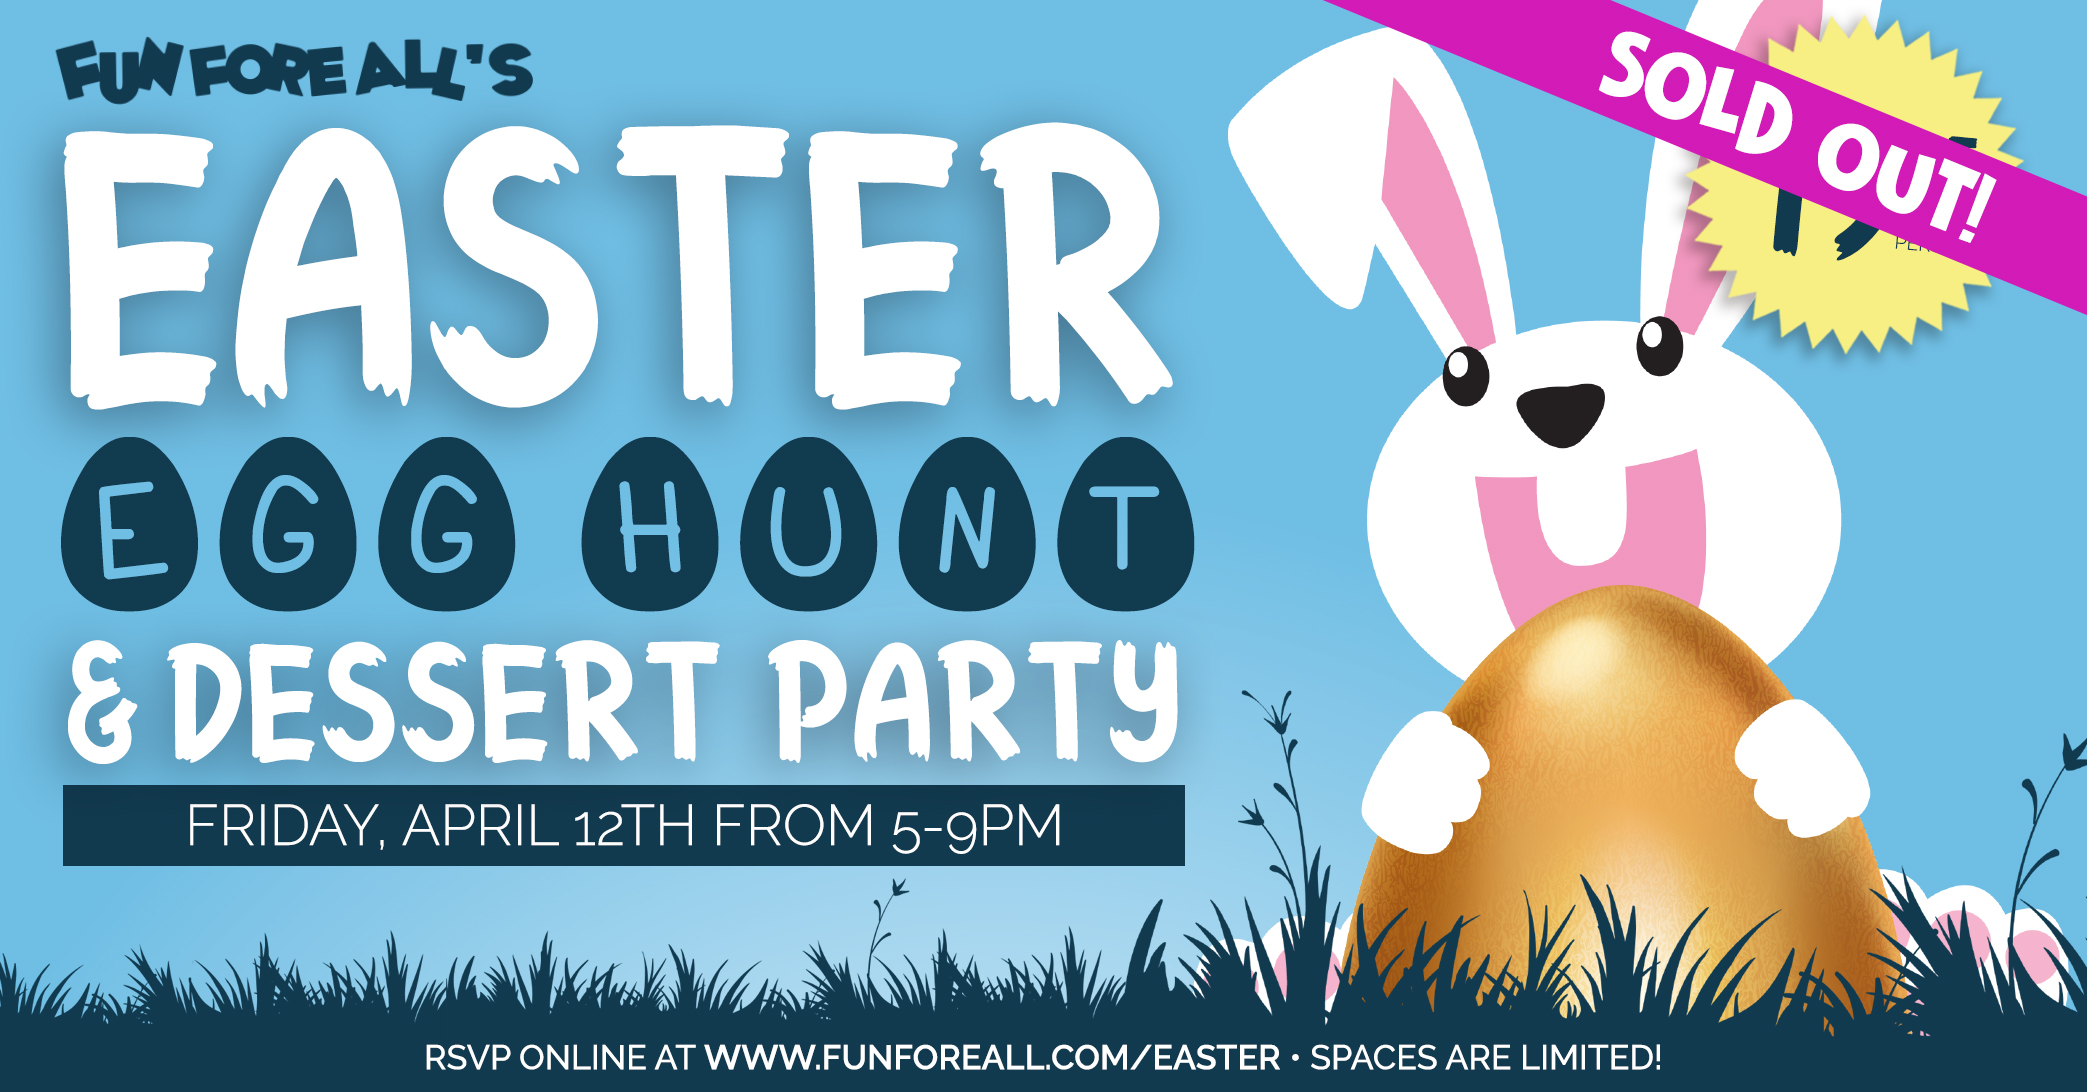 Facebook Invite (Easter Egg Hunt) 2019.jpg